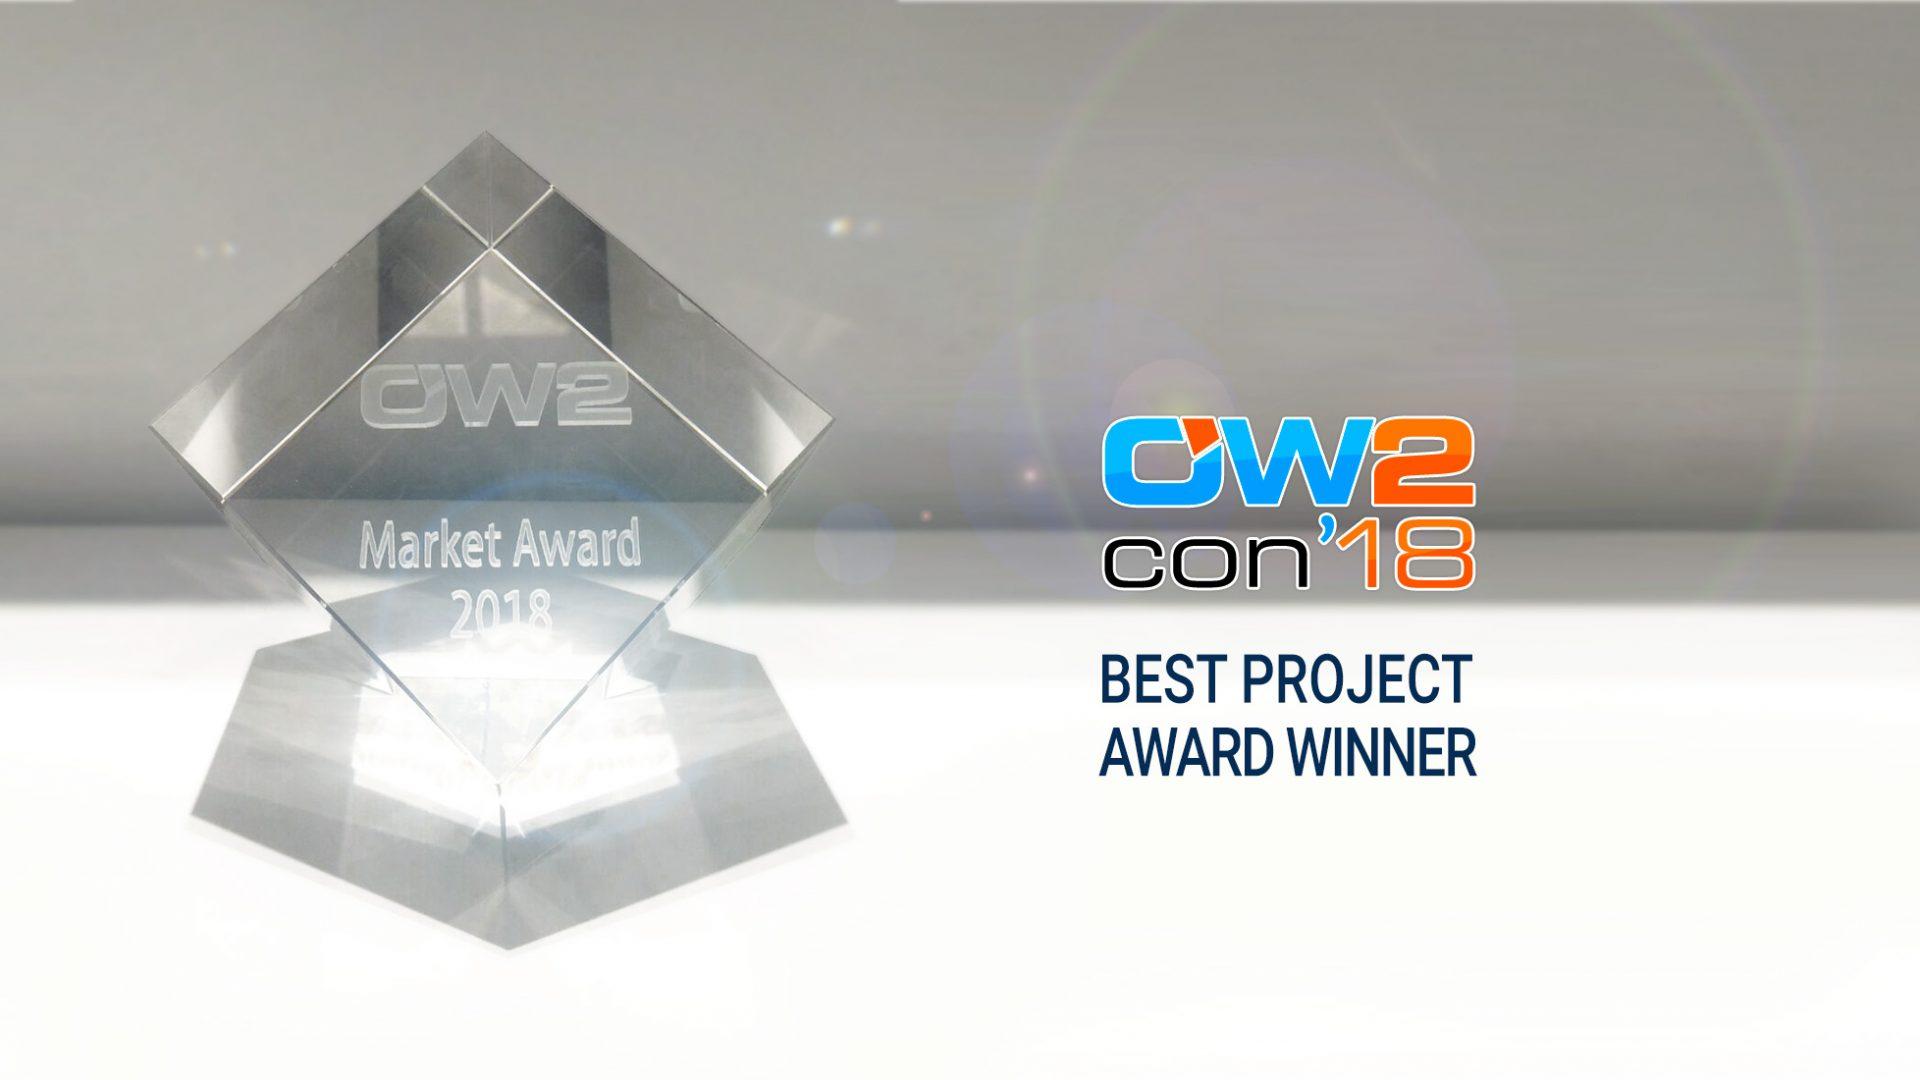 OW2 Market Award